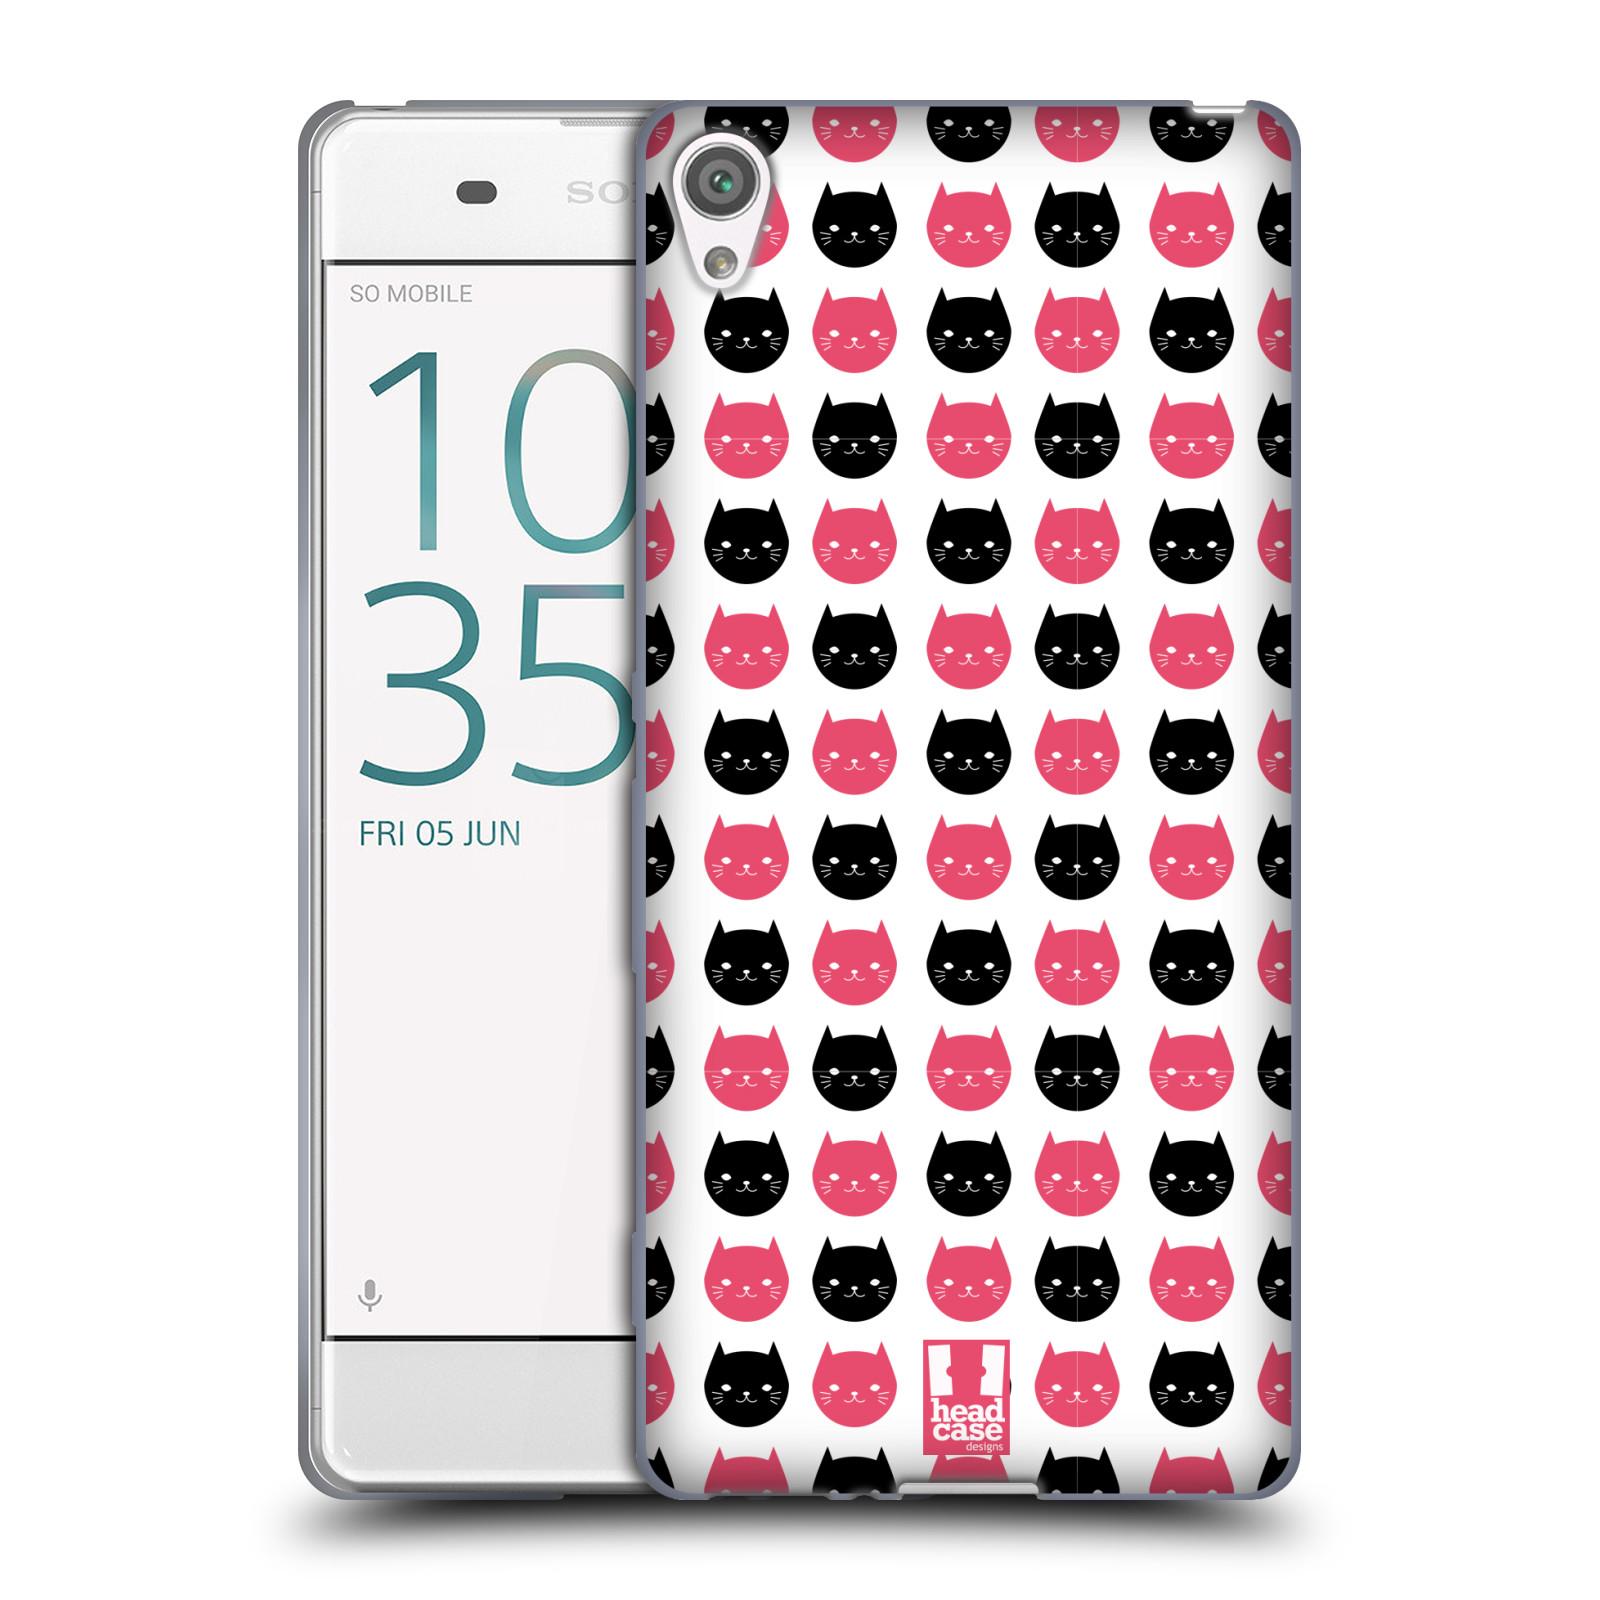 Silikonové pouzdro na mobil Sony Xperia XA HEAD CASE KOČKY Black and Pink (Silikonový kryt či obal na mobilní telefon Sony Xperia XA F3111 / Dual SIM F3112)